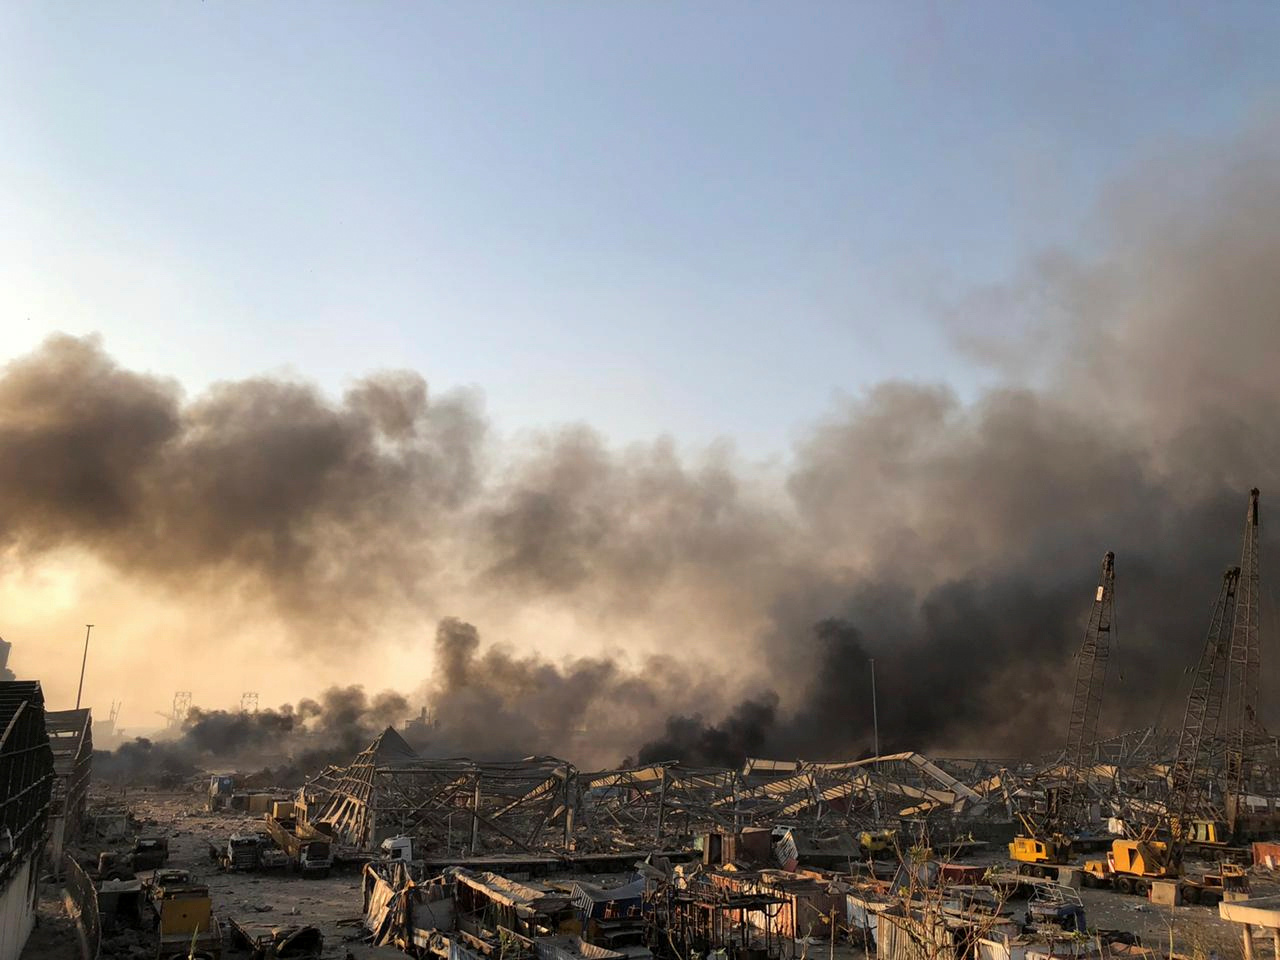 El humo se eleva después de que se escuchara una explosión en Beirut (Reuters/ Issam Abdallah)